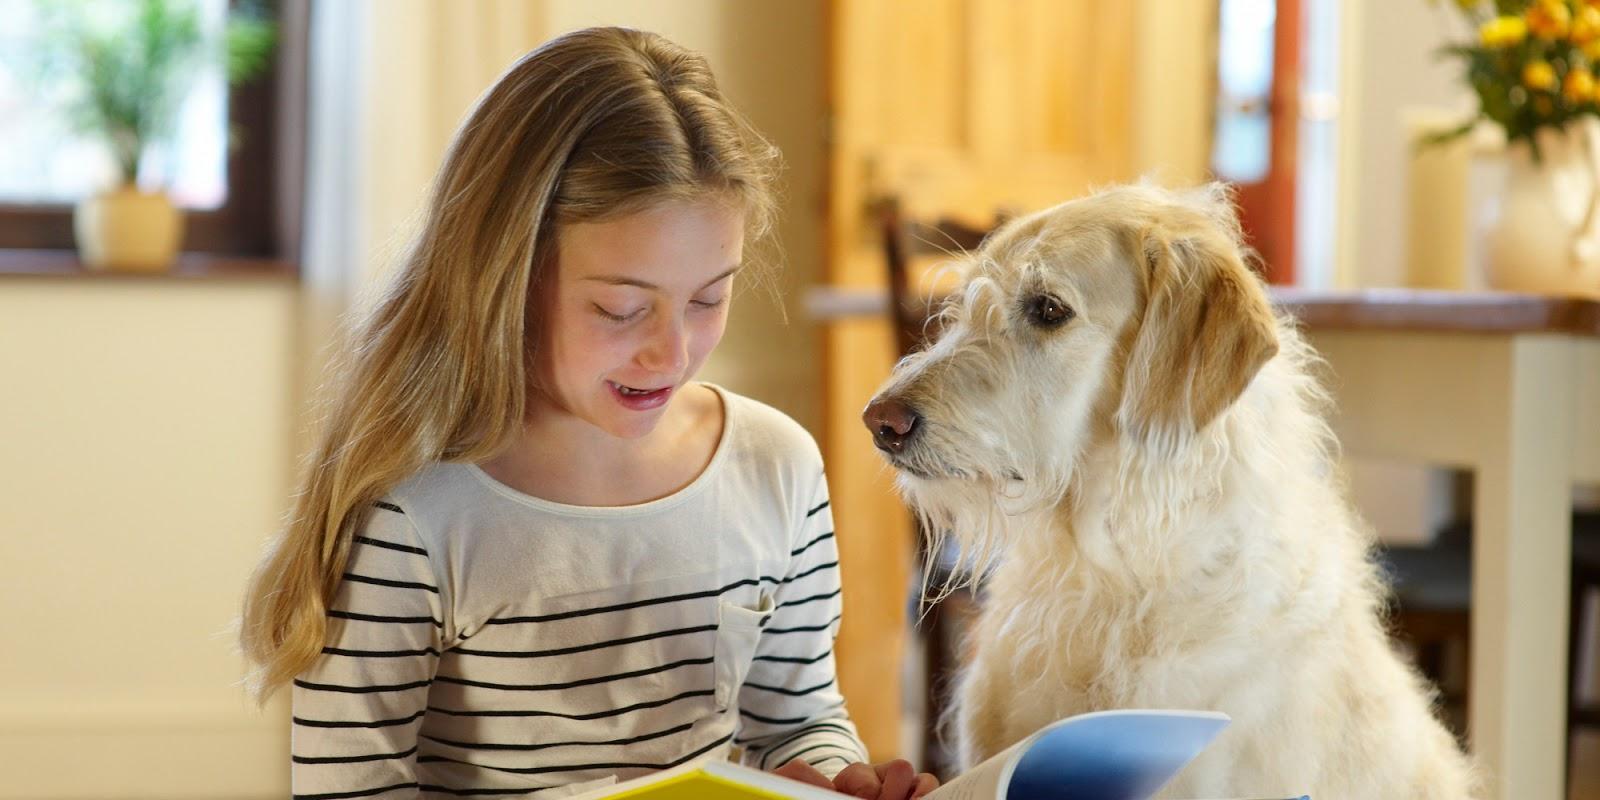 Čítanie deťmi psíkom sa nazýva terapia R.E.A.D. / Foto: Jan S. Gephardt